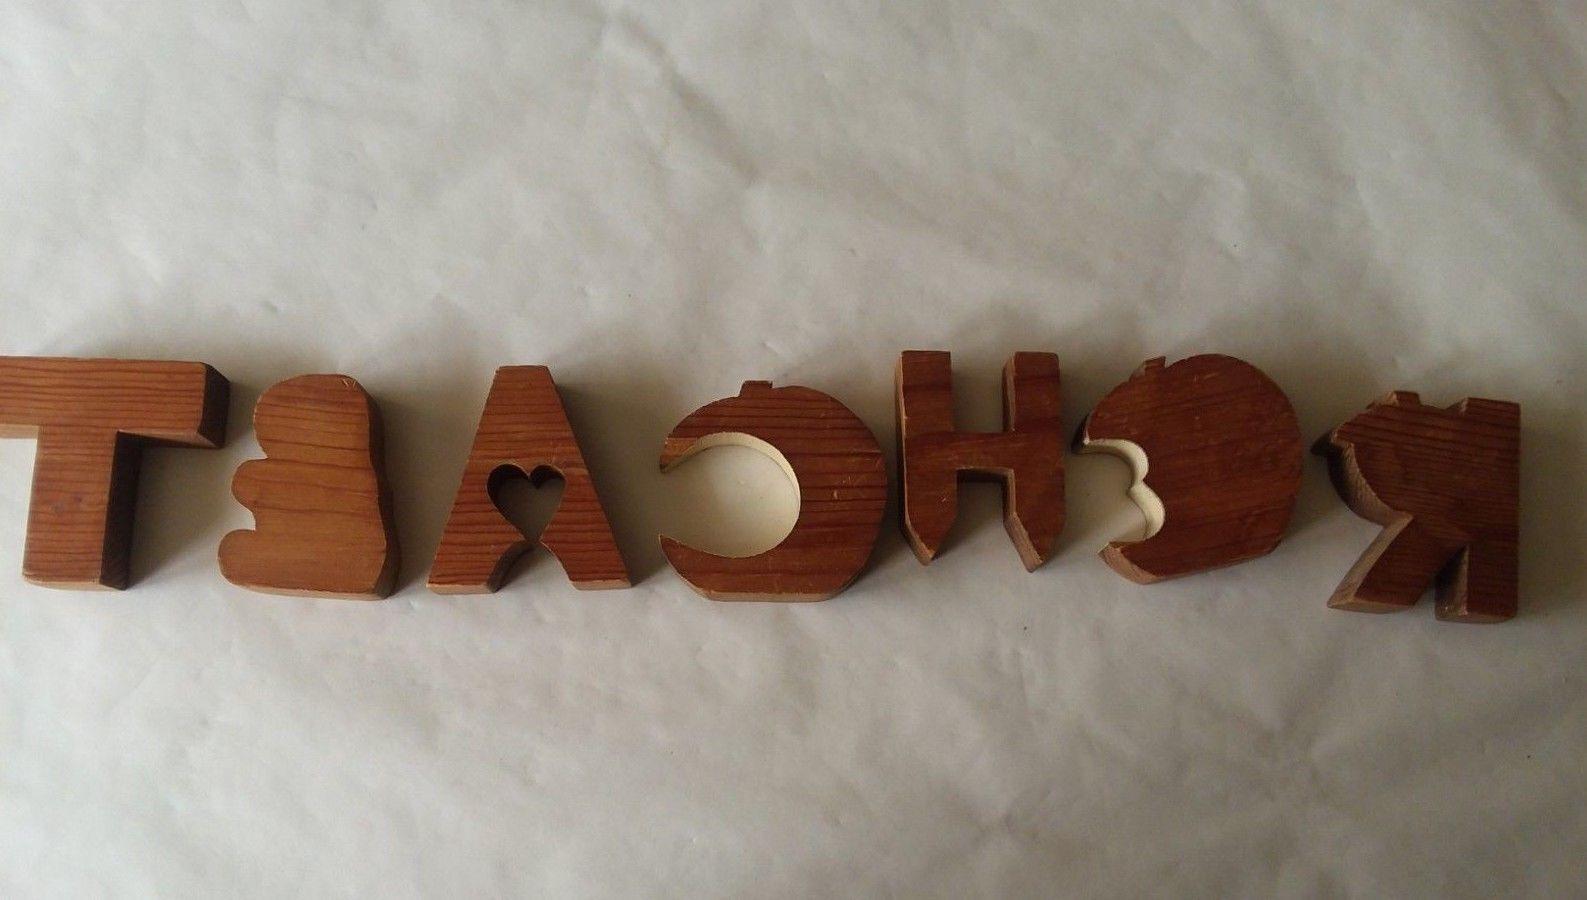 Wood Cut Out Blocks Spelling Teacher - Teacher Sign Gift Desk Decor Classroom